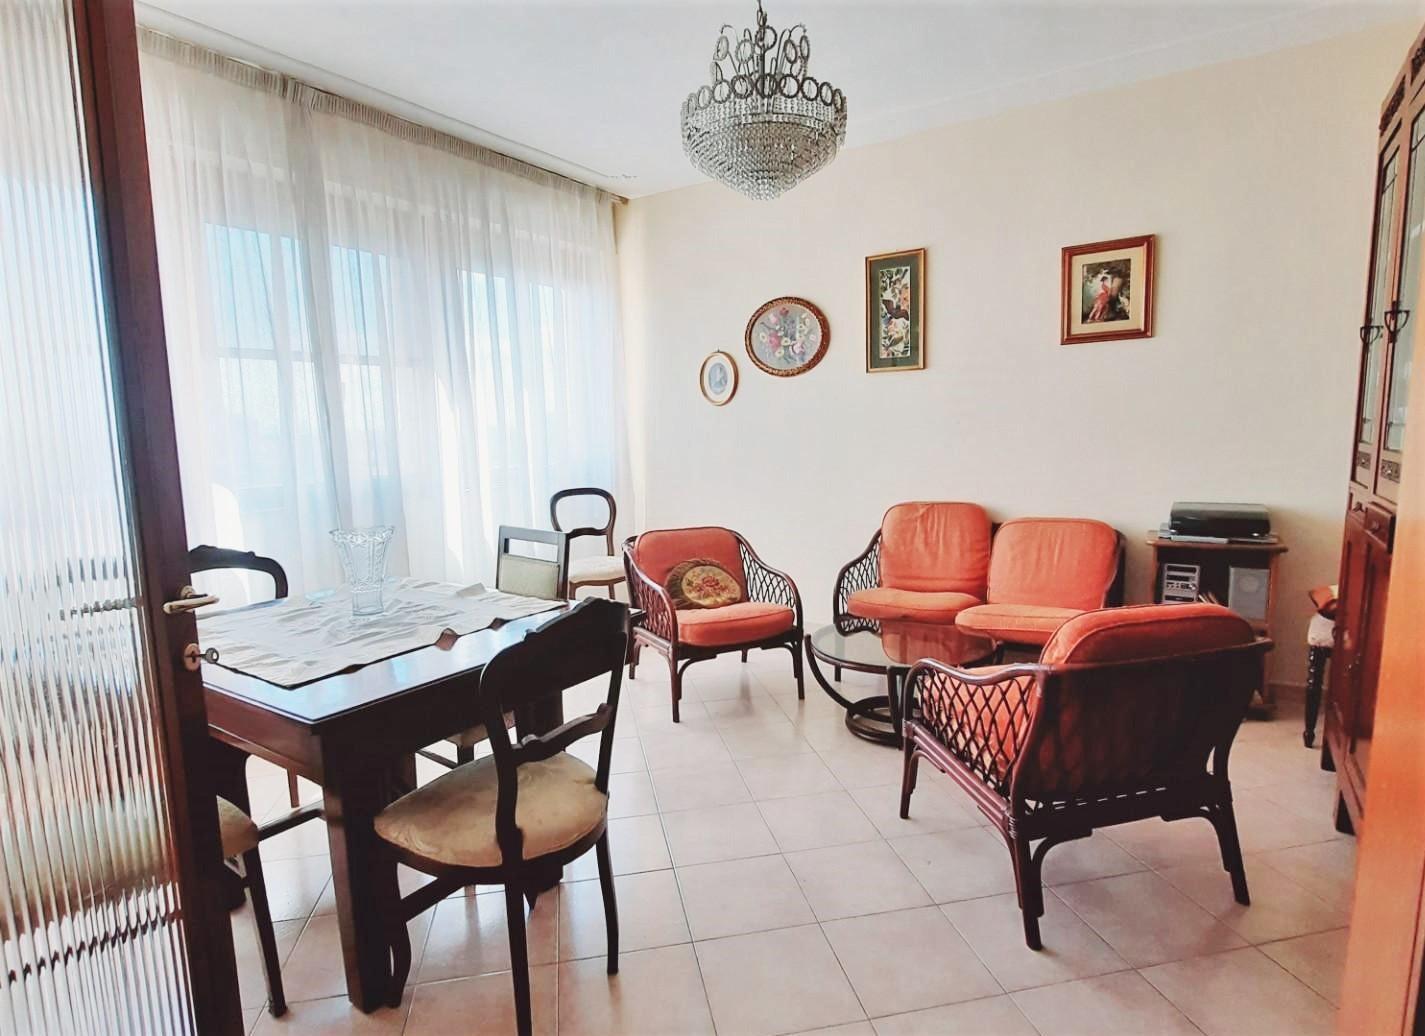 Appartamento in vendita, rif. S683